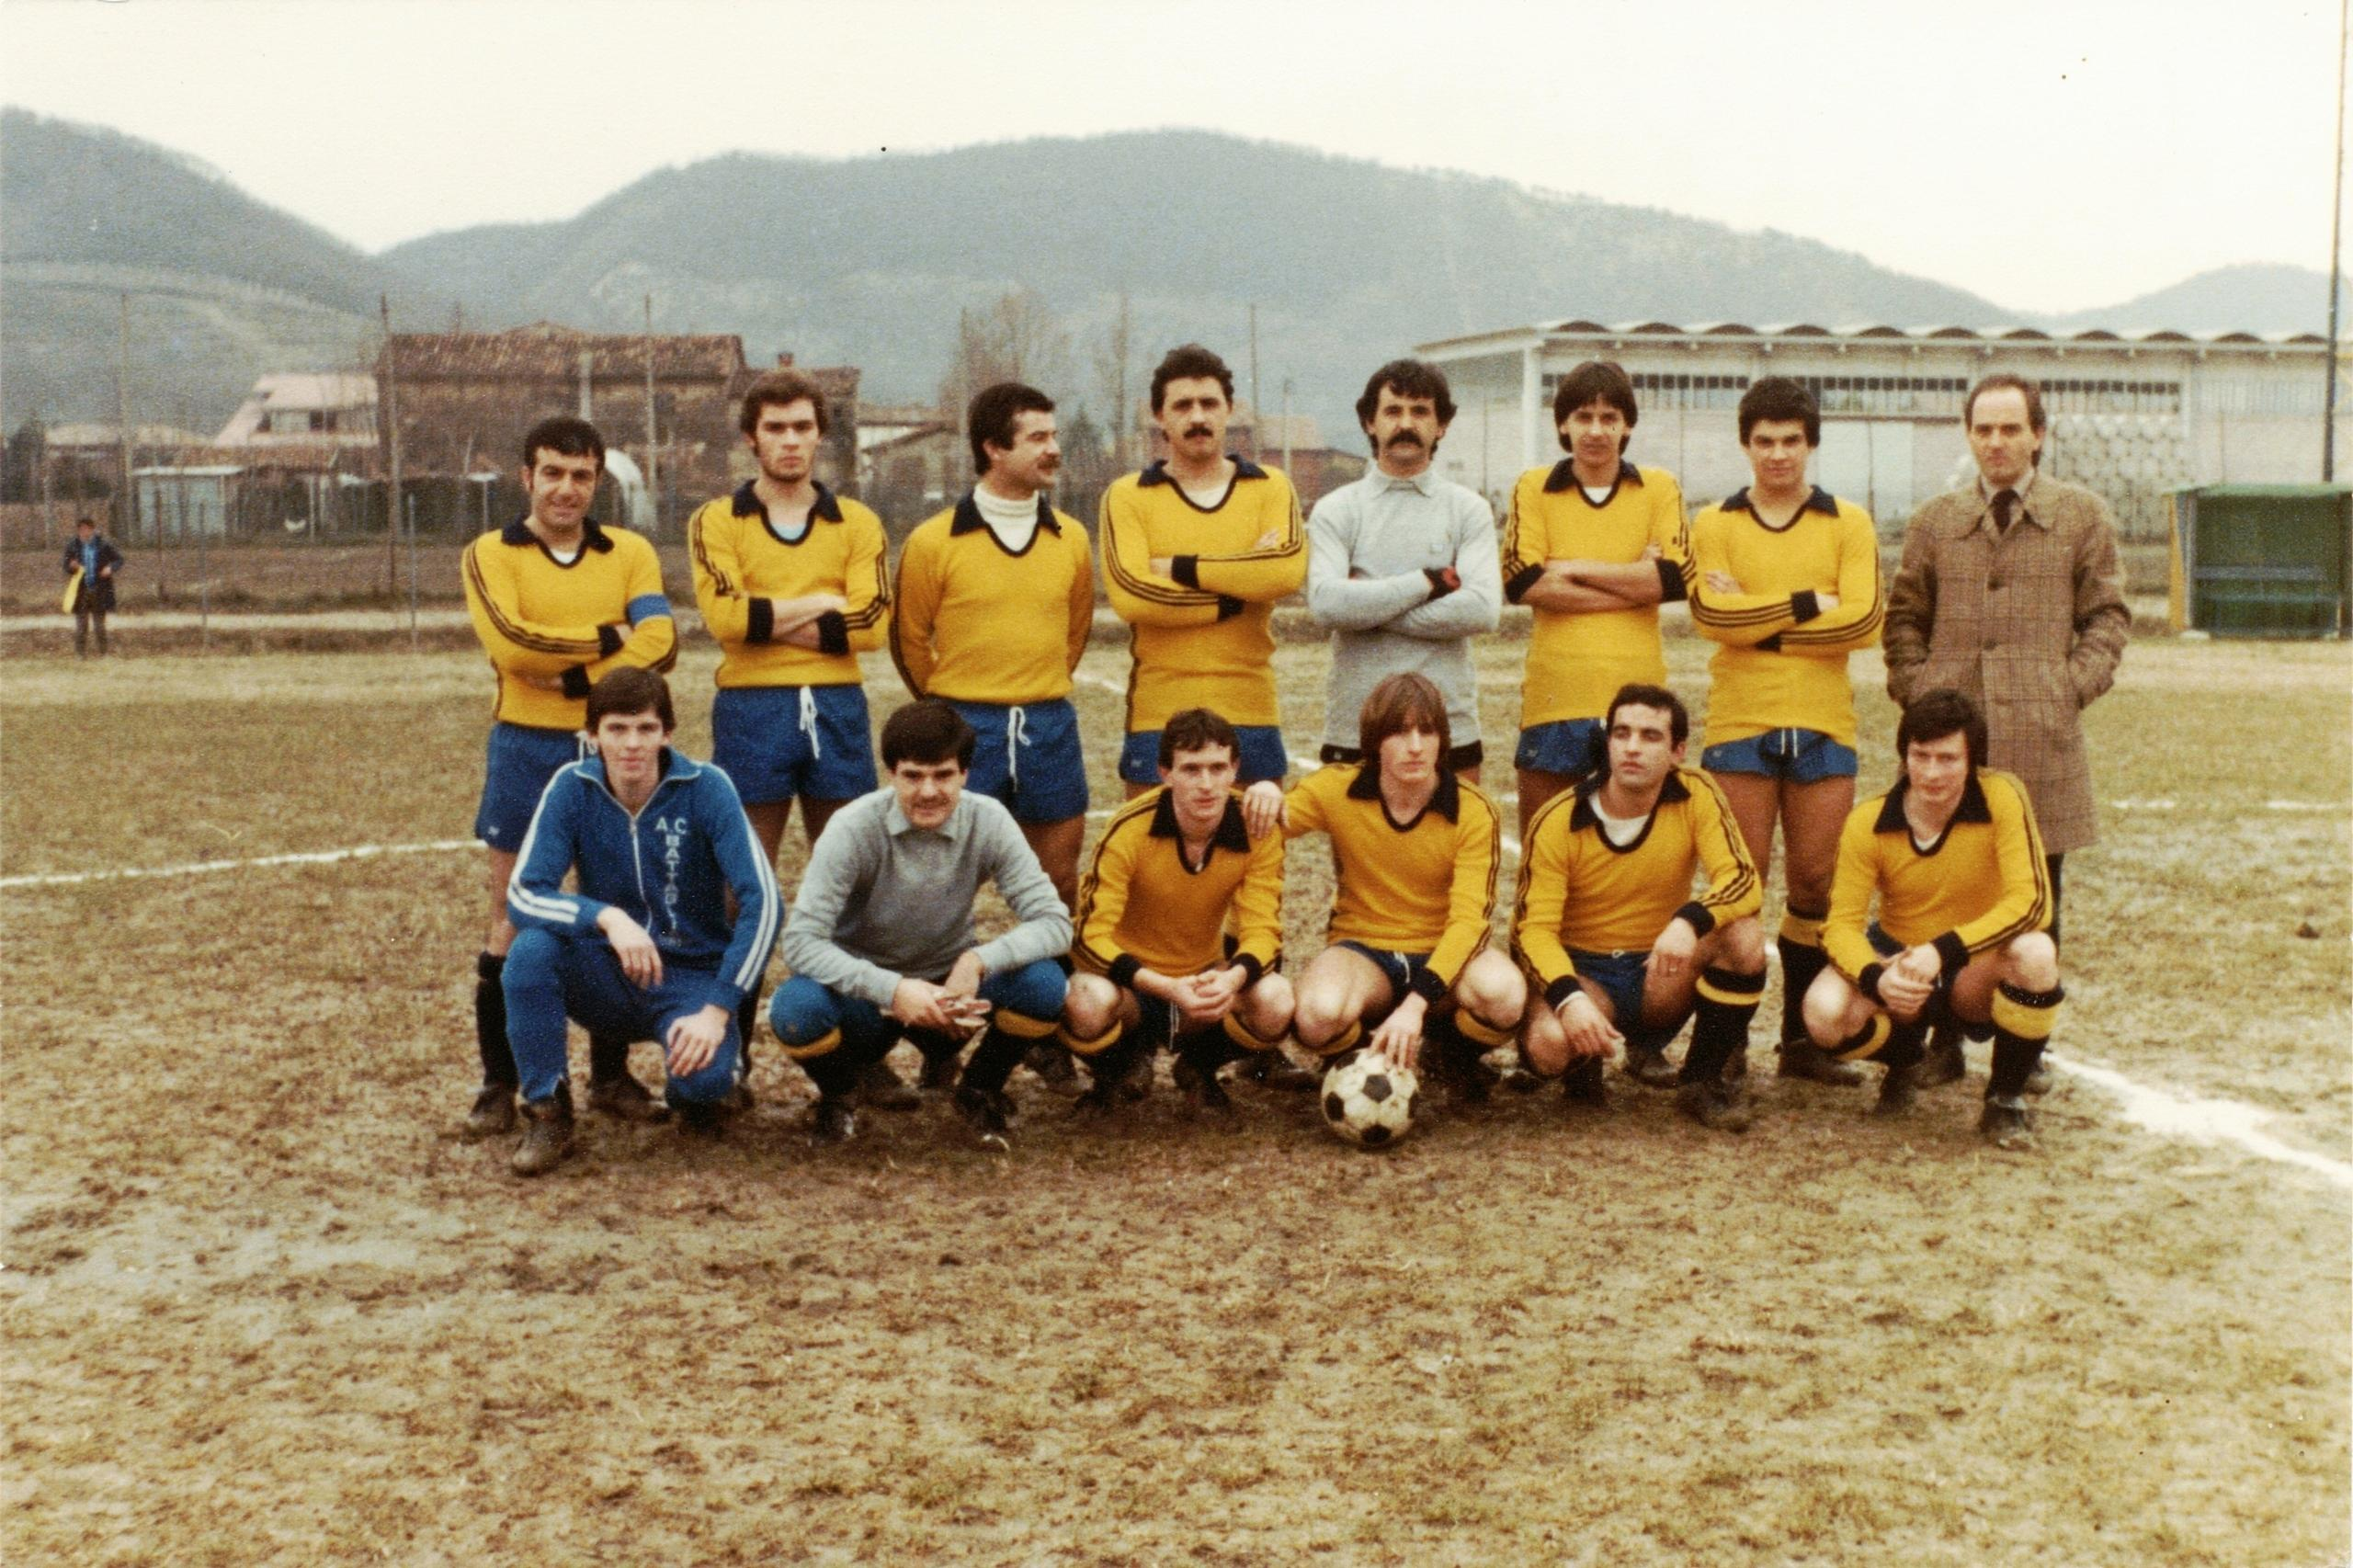 1979/80, la squadra del G.S. Galileo Battaglia Terme che ha preso parte al Campionato Italiano Dilettanti Veneto di II Categoria, Girone Q (1).